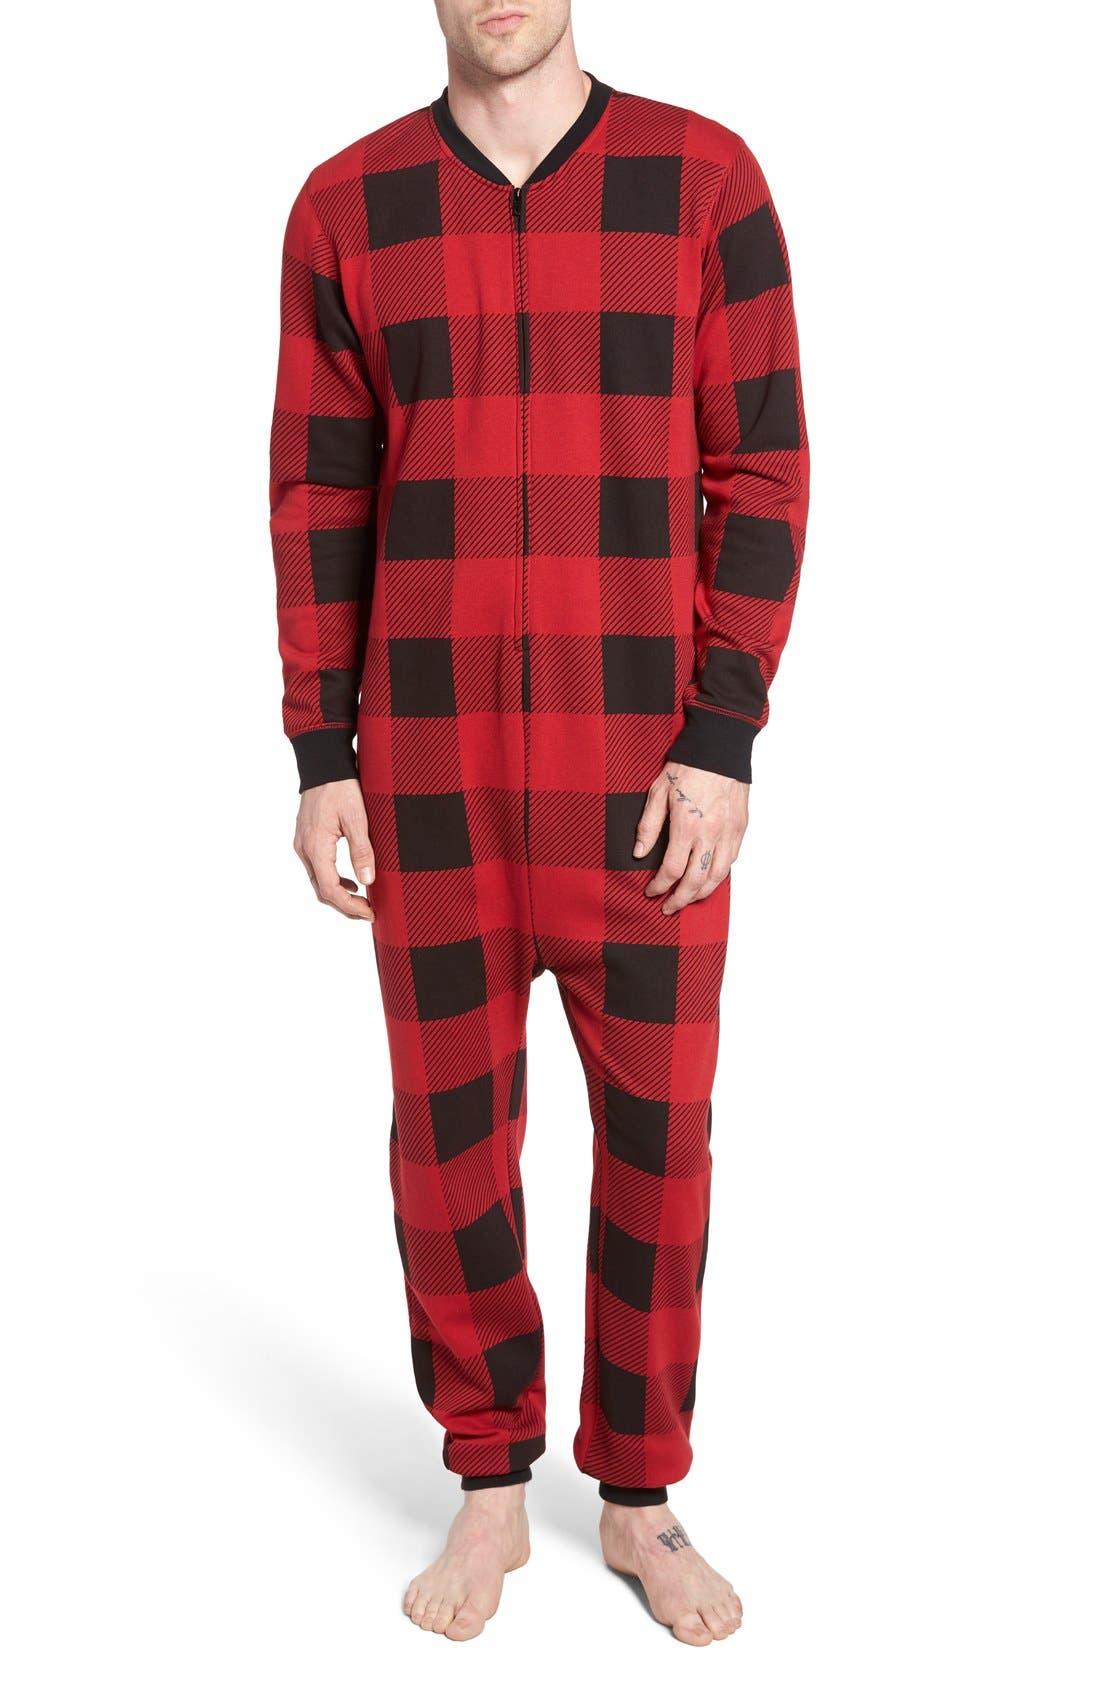 Main Image - The Rail Fleece One-Piece Pajamas